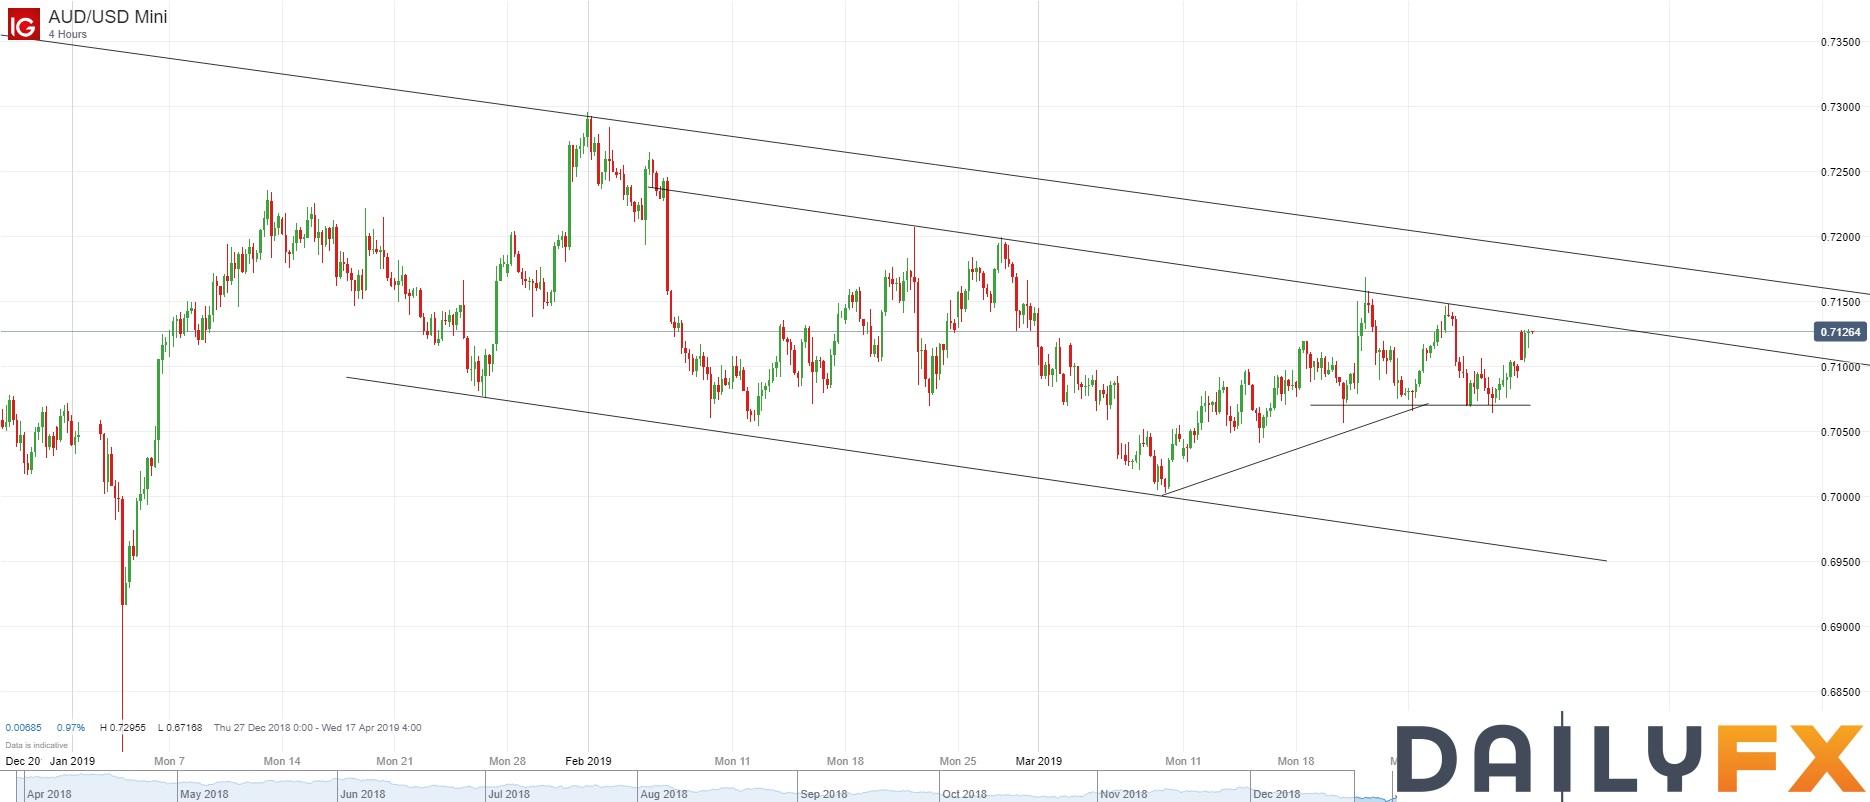 澳元/美元技術分析:短期阻力再次關注自2月6日以來的通道上軌